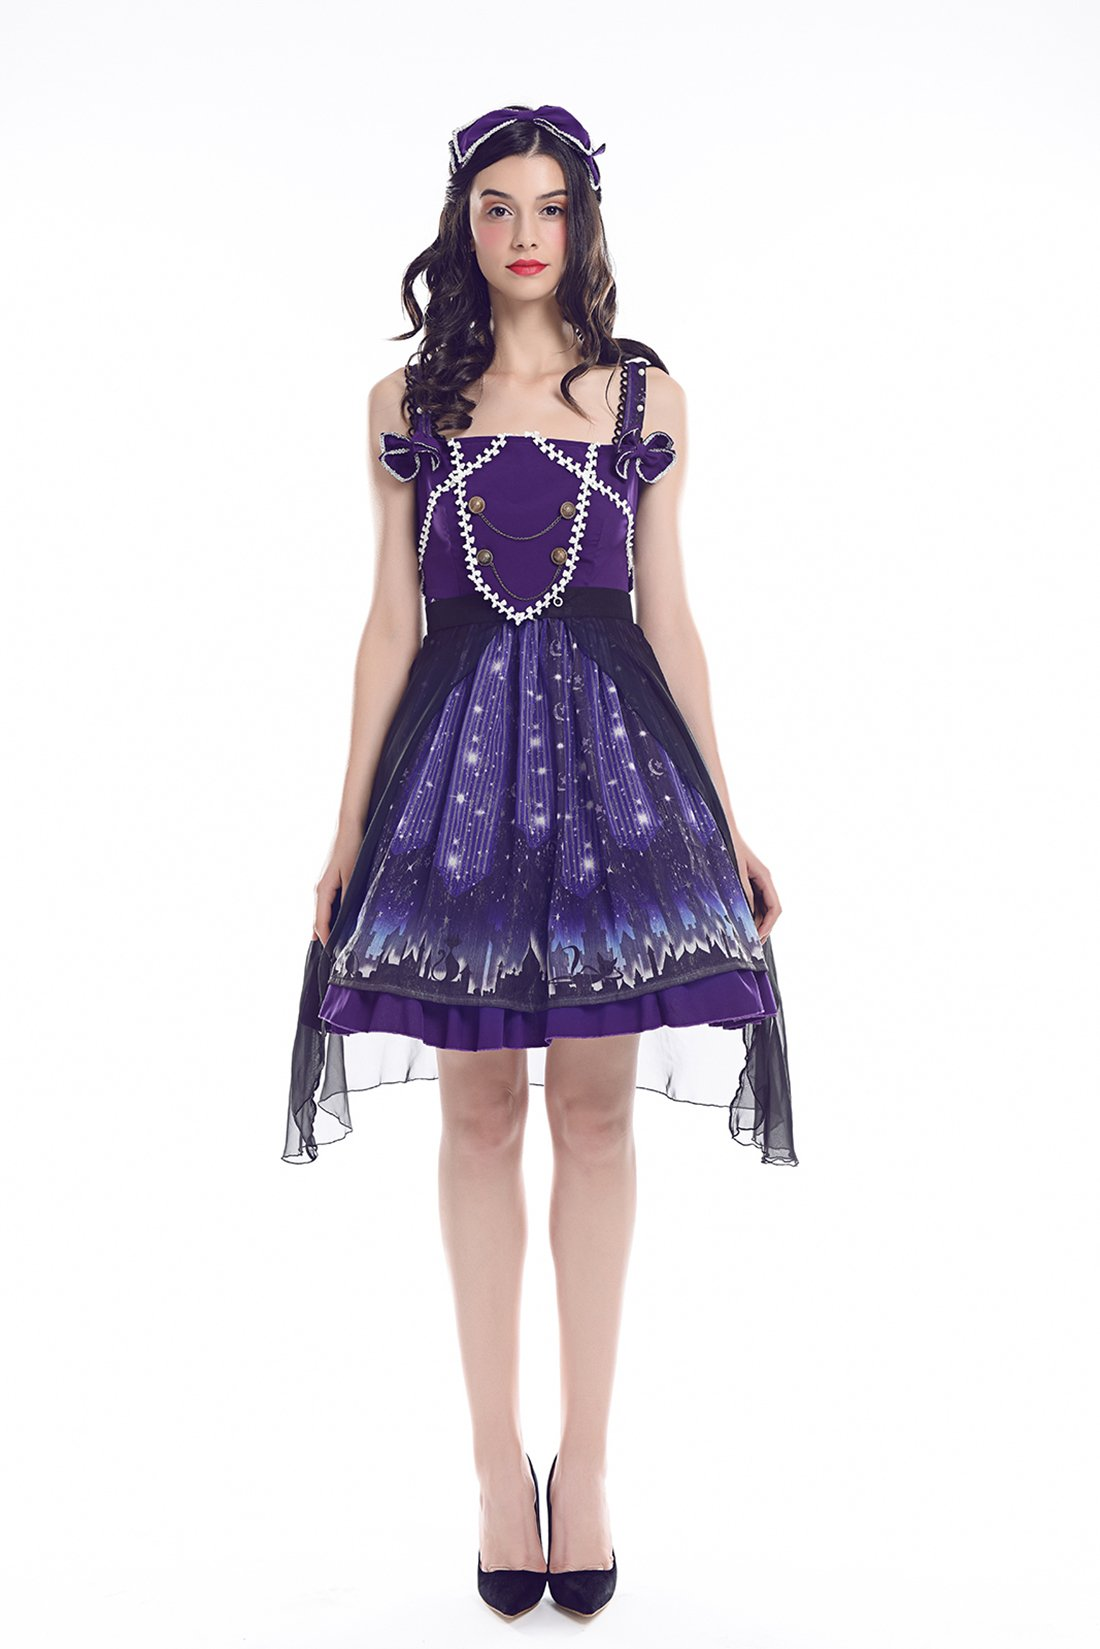 Nuoqi Lolita Dress Womens Sweet Suit Lace Chiffon Ruffle Skirt Costume (Medium, Purple)